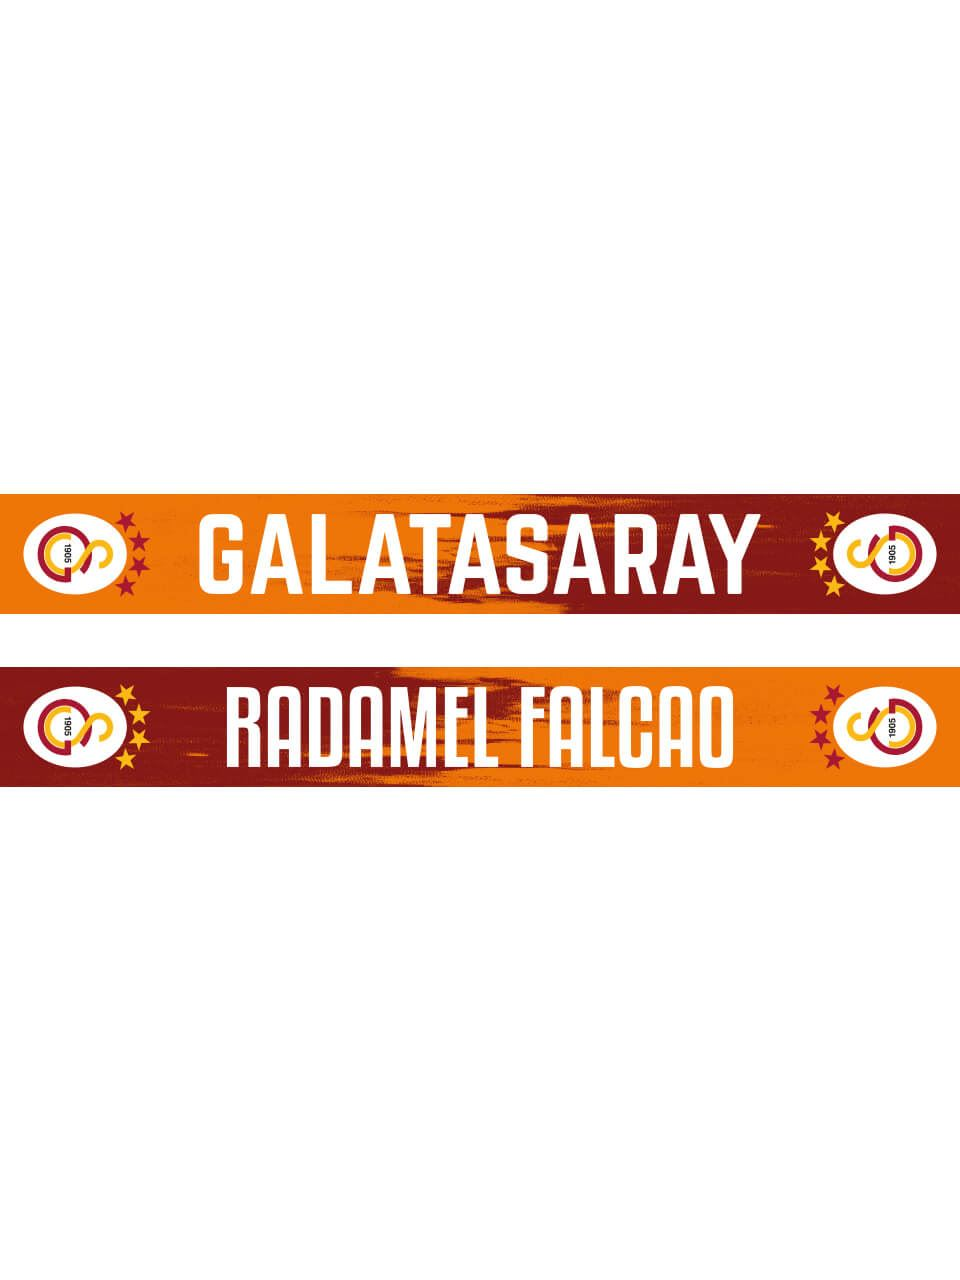 Radamel Falcao Galatasaray Şal Atkı U999026